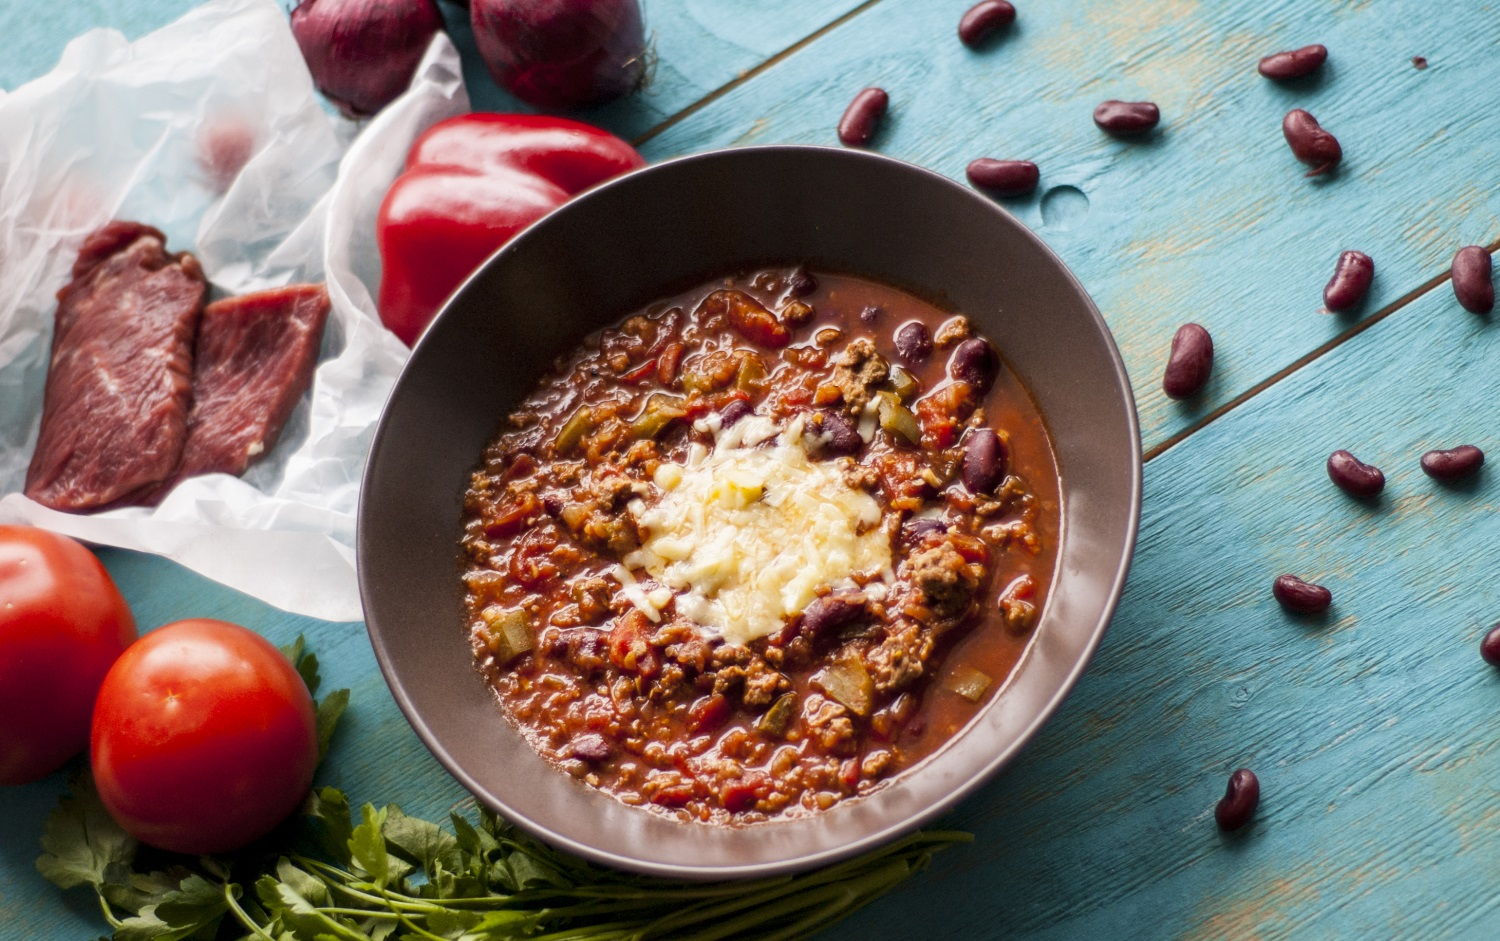 zupa chili, chili soup